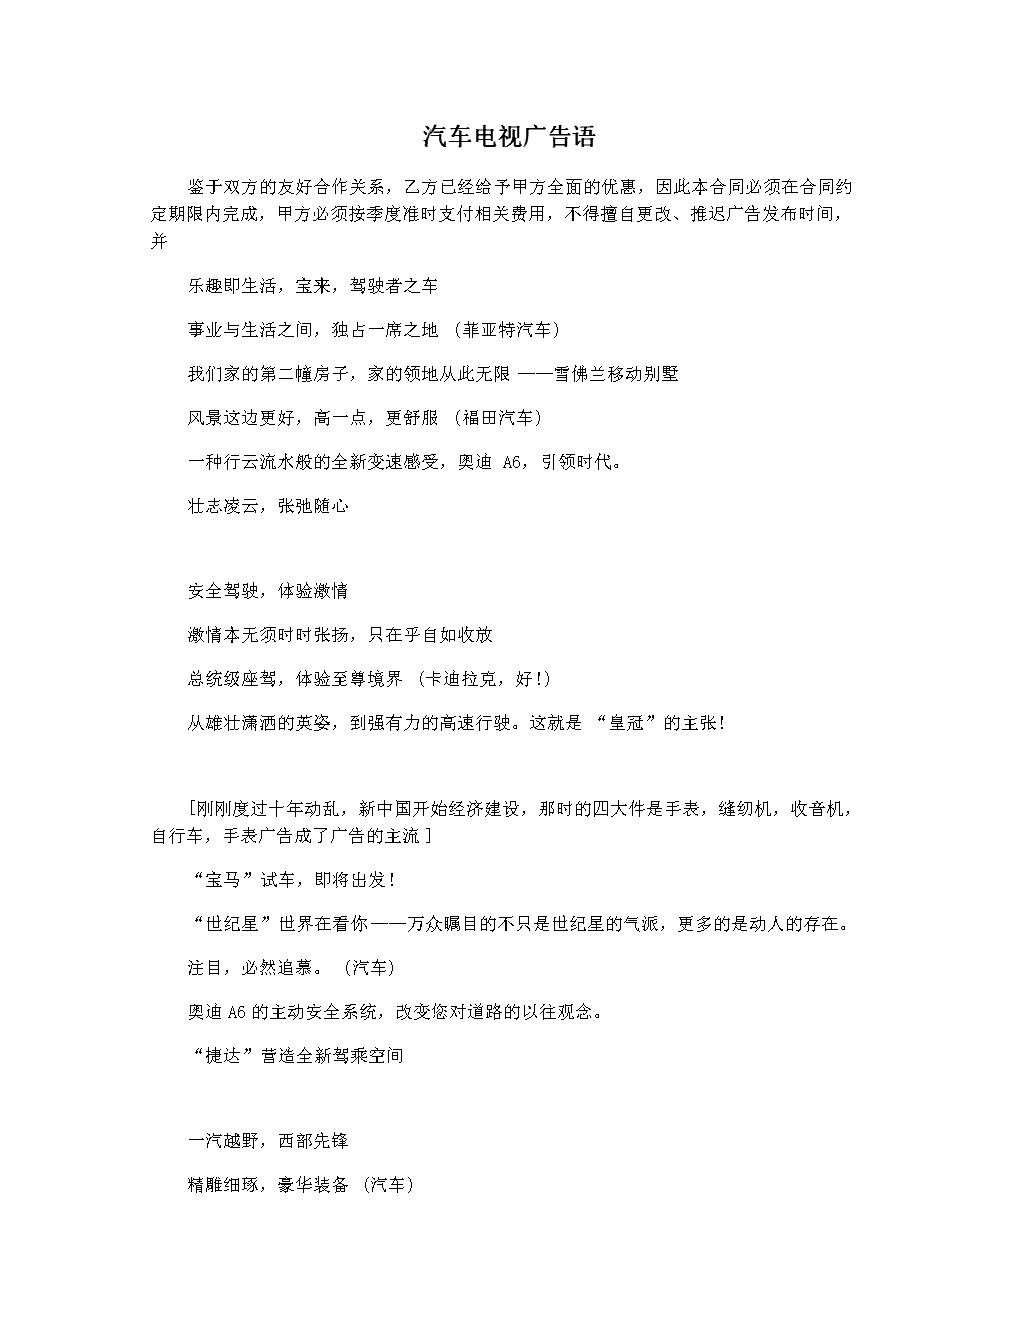 汽车电视广告语.docx